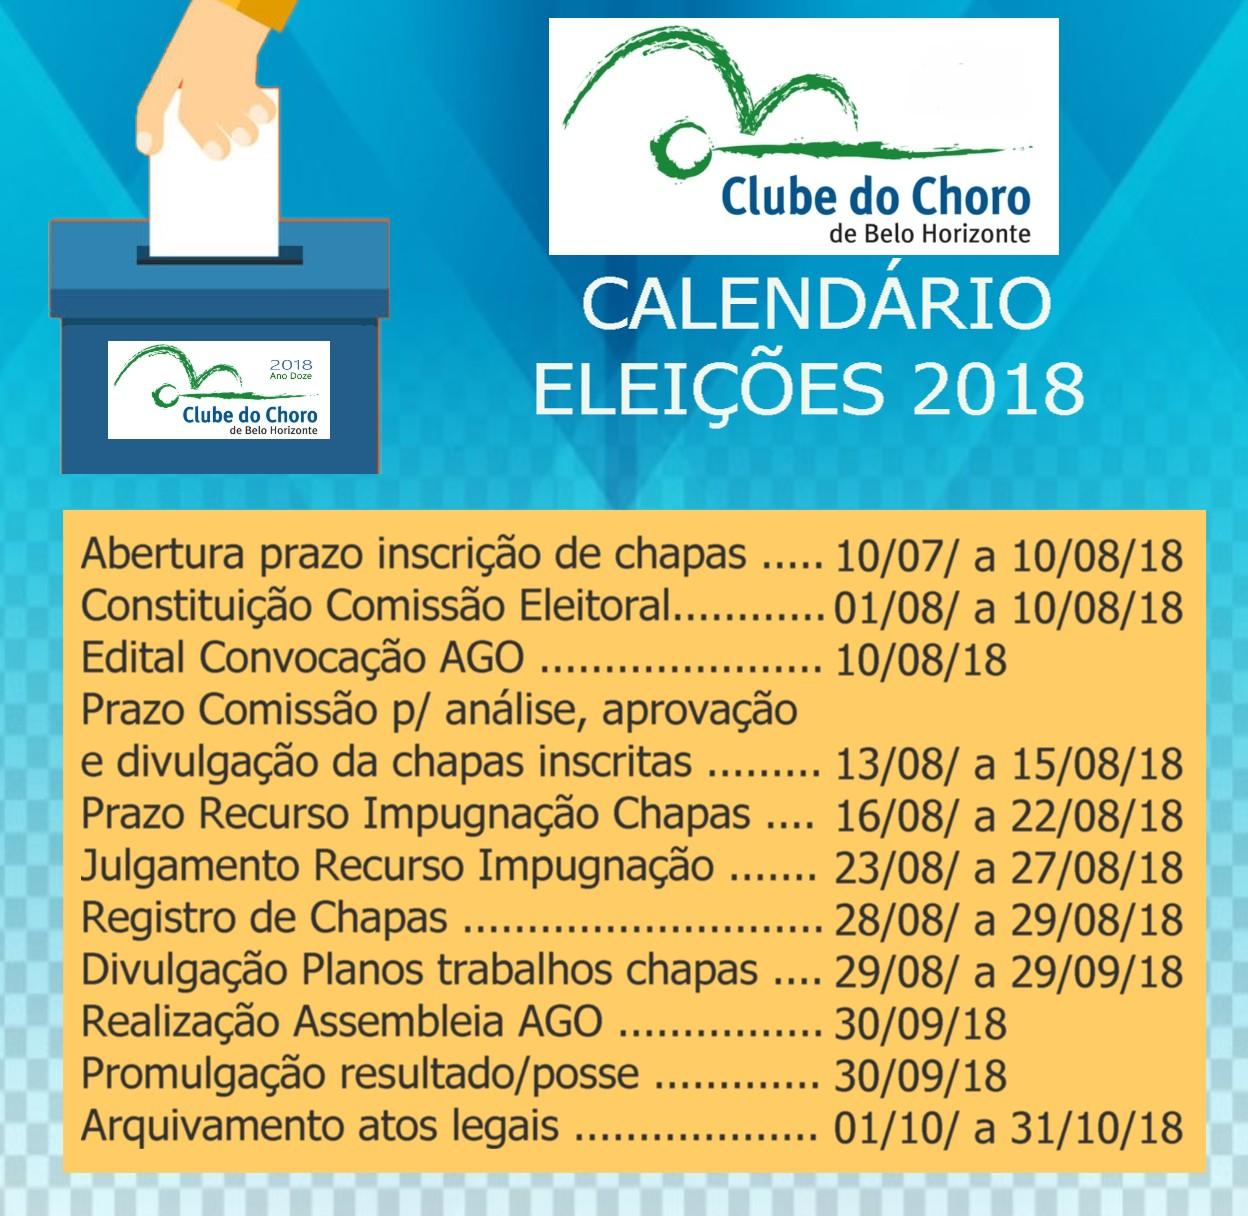 ATENÇÃO ASSOCIADOS FIQUEM ATENTOS AO CALENDÁRIO DAS PRÓXIMAS ELEIÇÕES